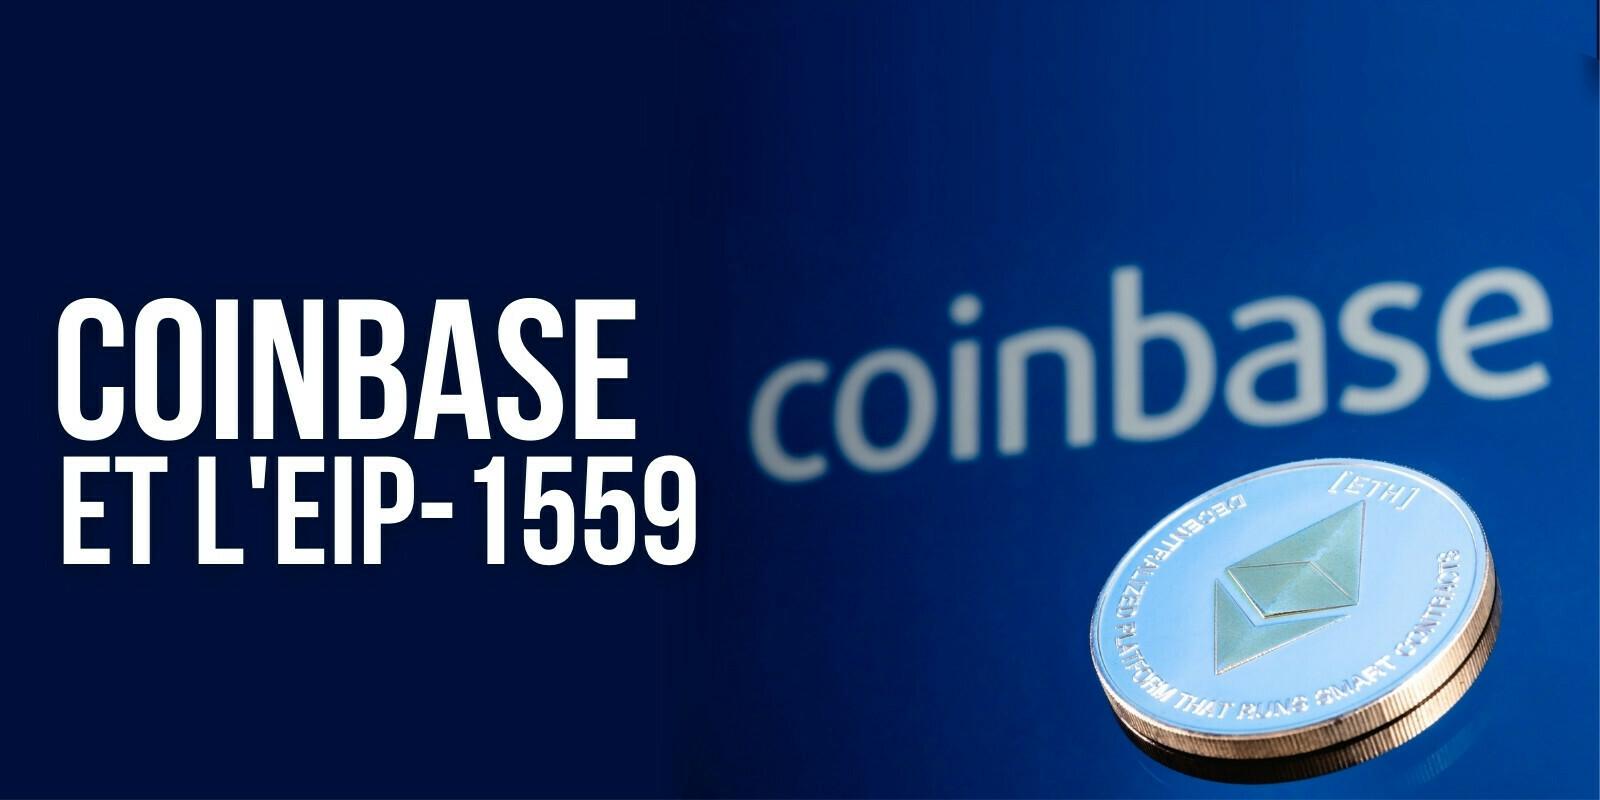 L'EIP-1559 a permis à Coinbase d'économiser 27 ETH en frais journaliers